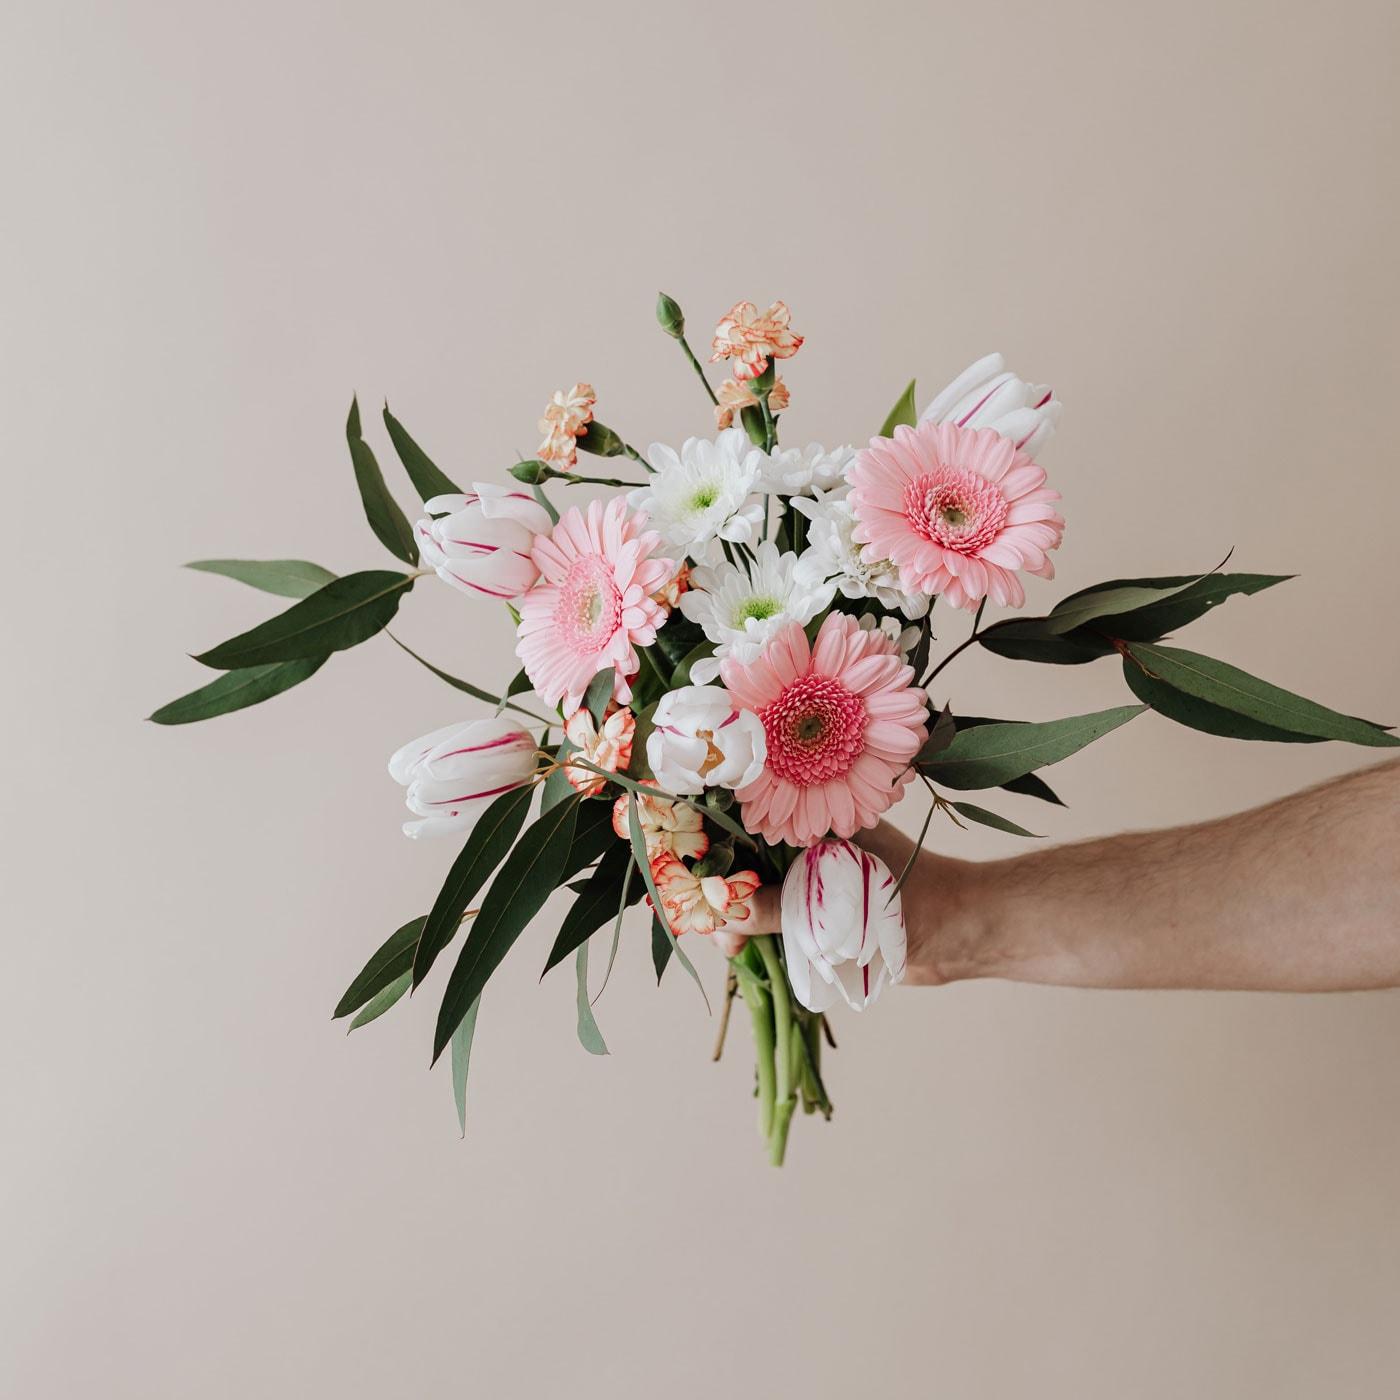 Blumen schenken und Freude bereiten // HIMBEER